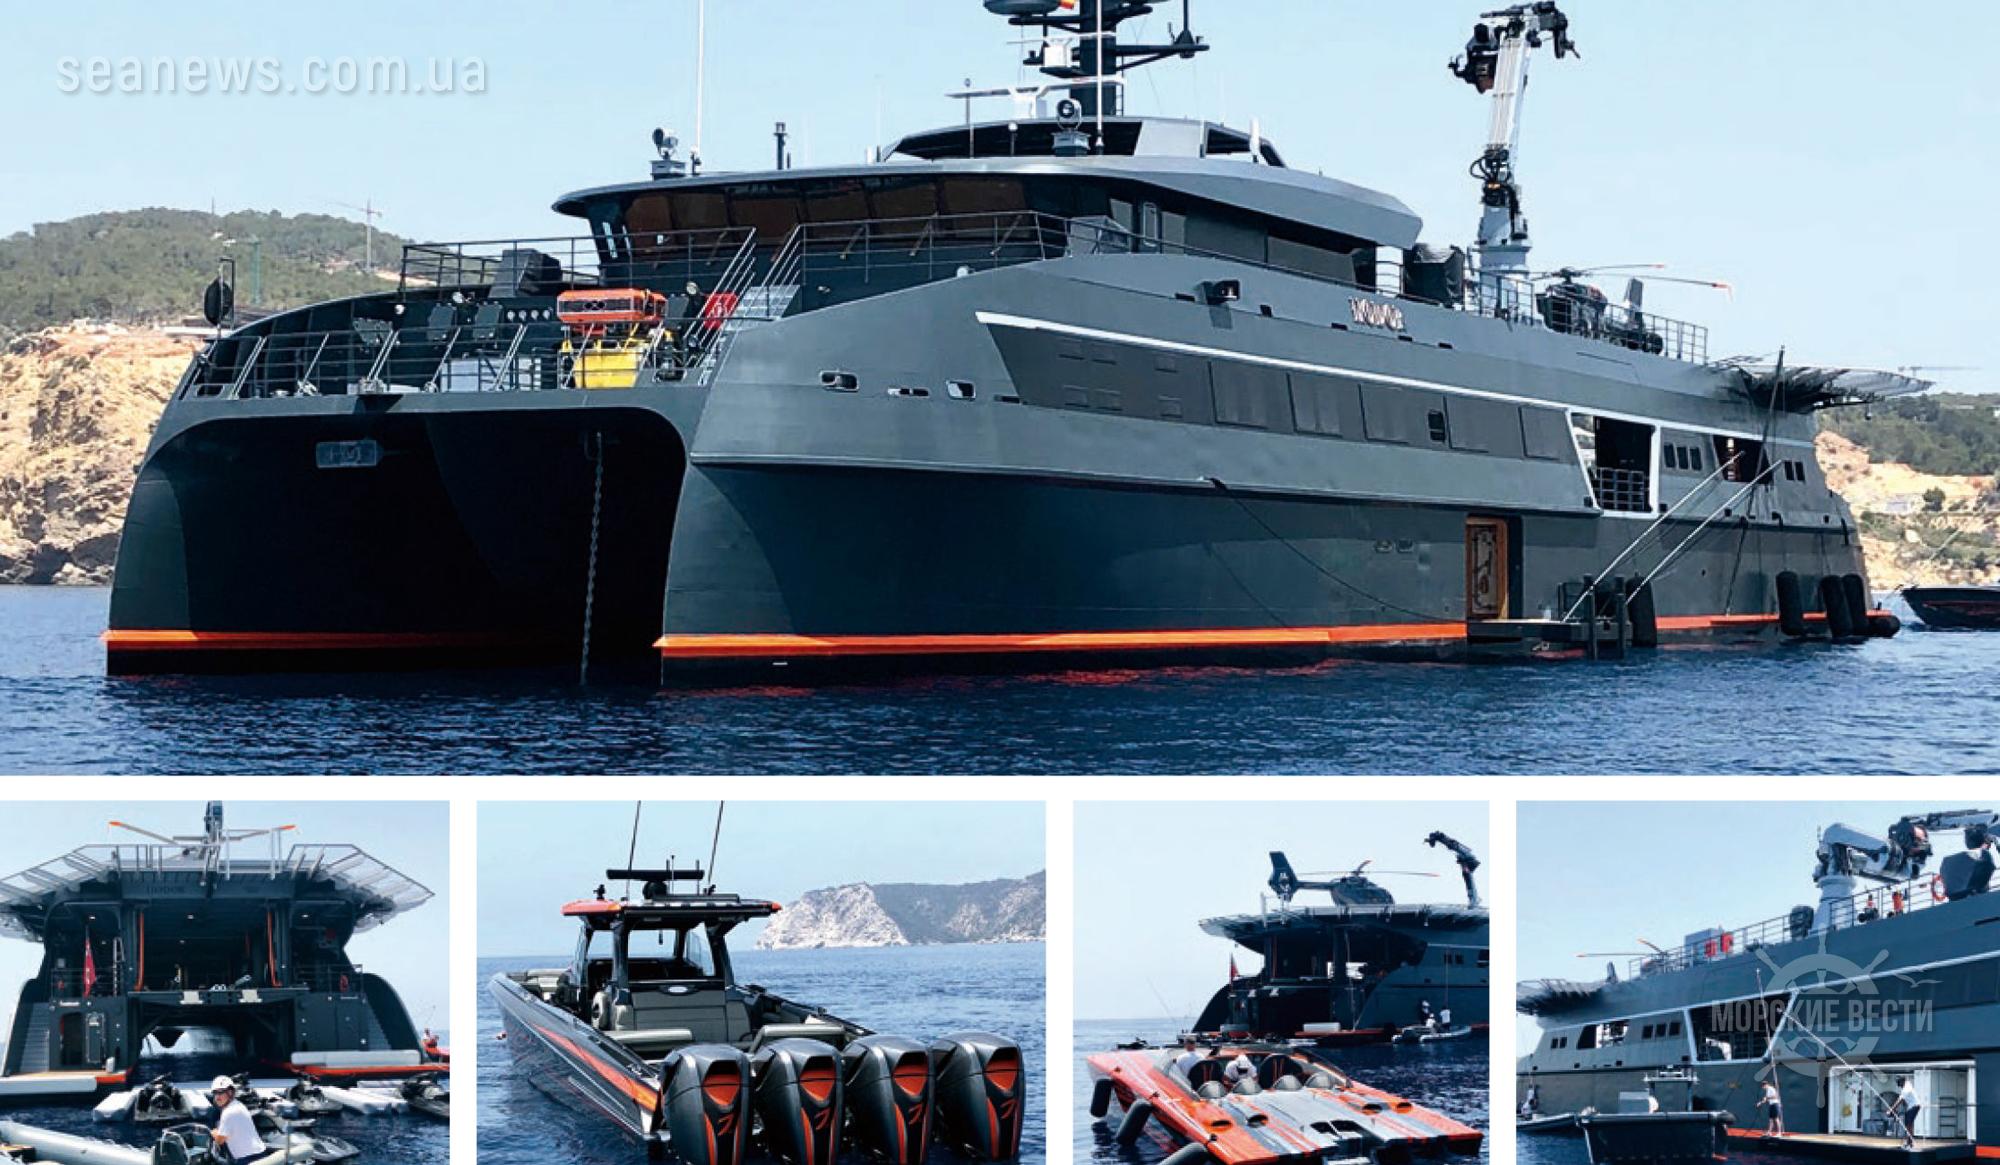 HODOR — катамаран, предназначенный для сопровождения мега-яхт